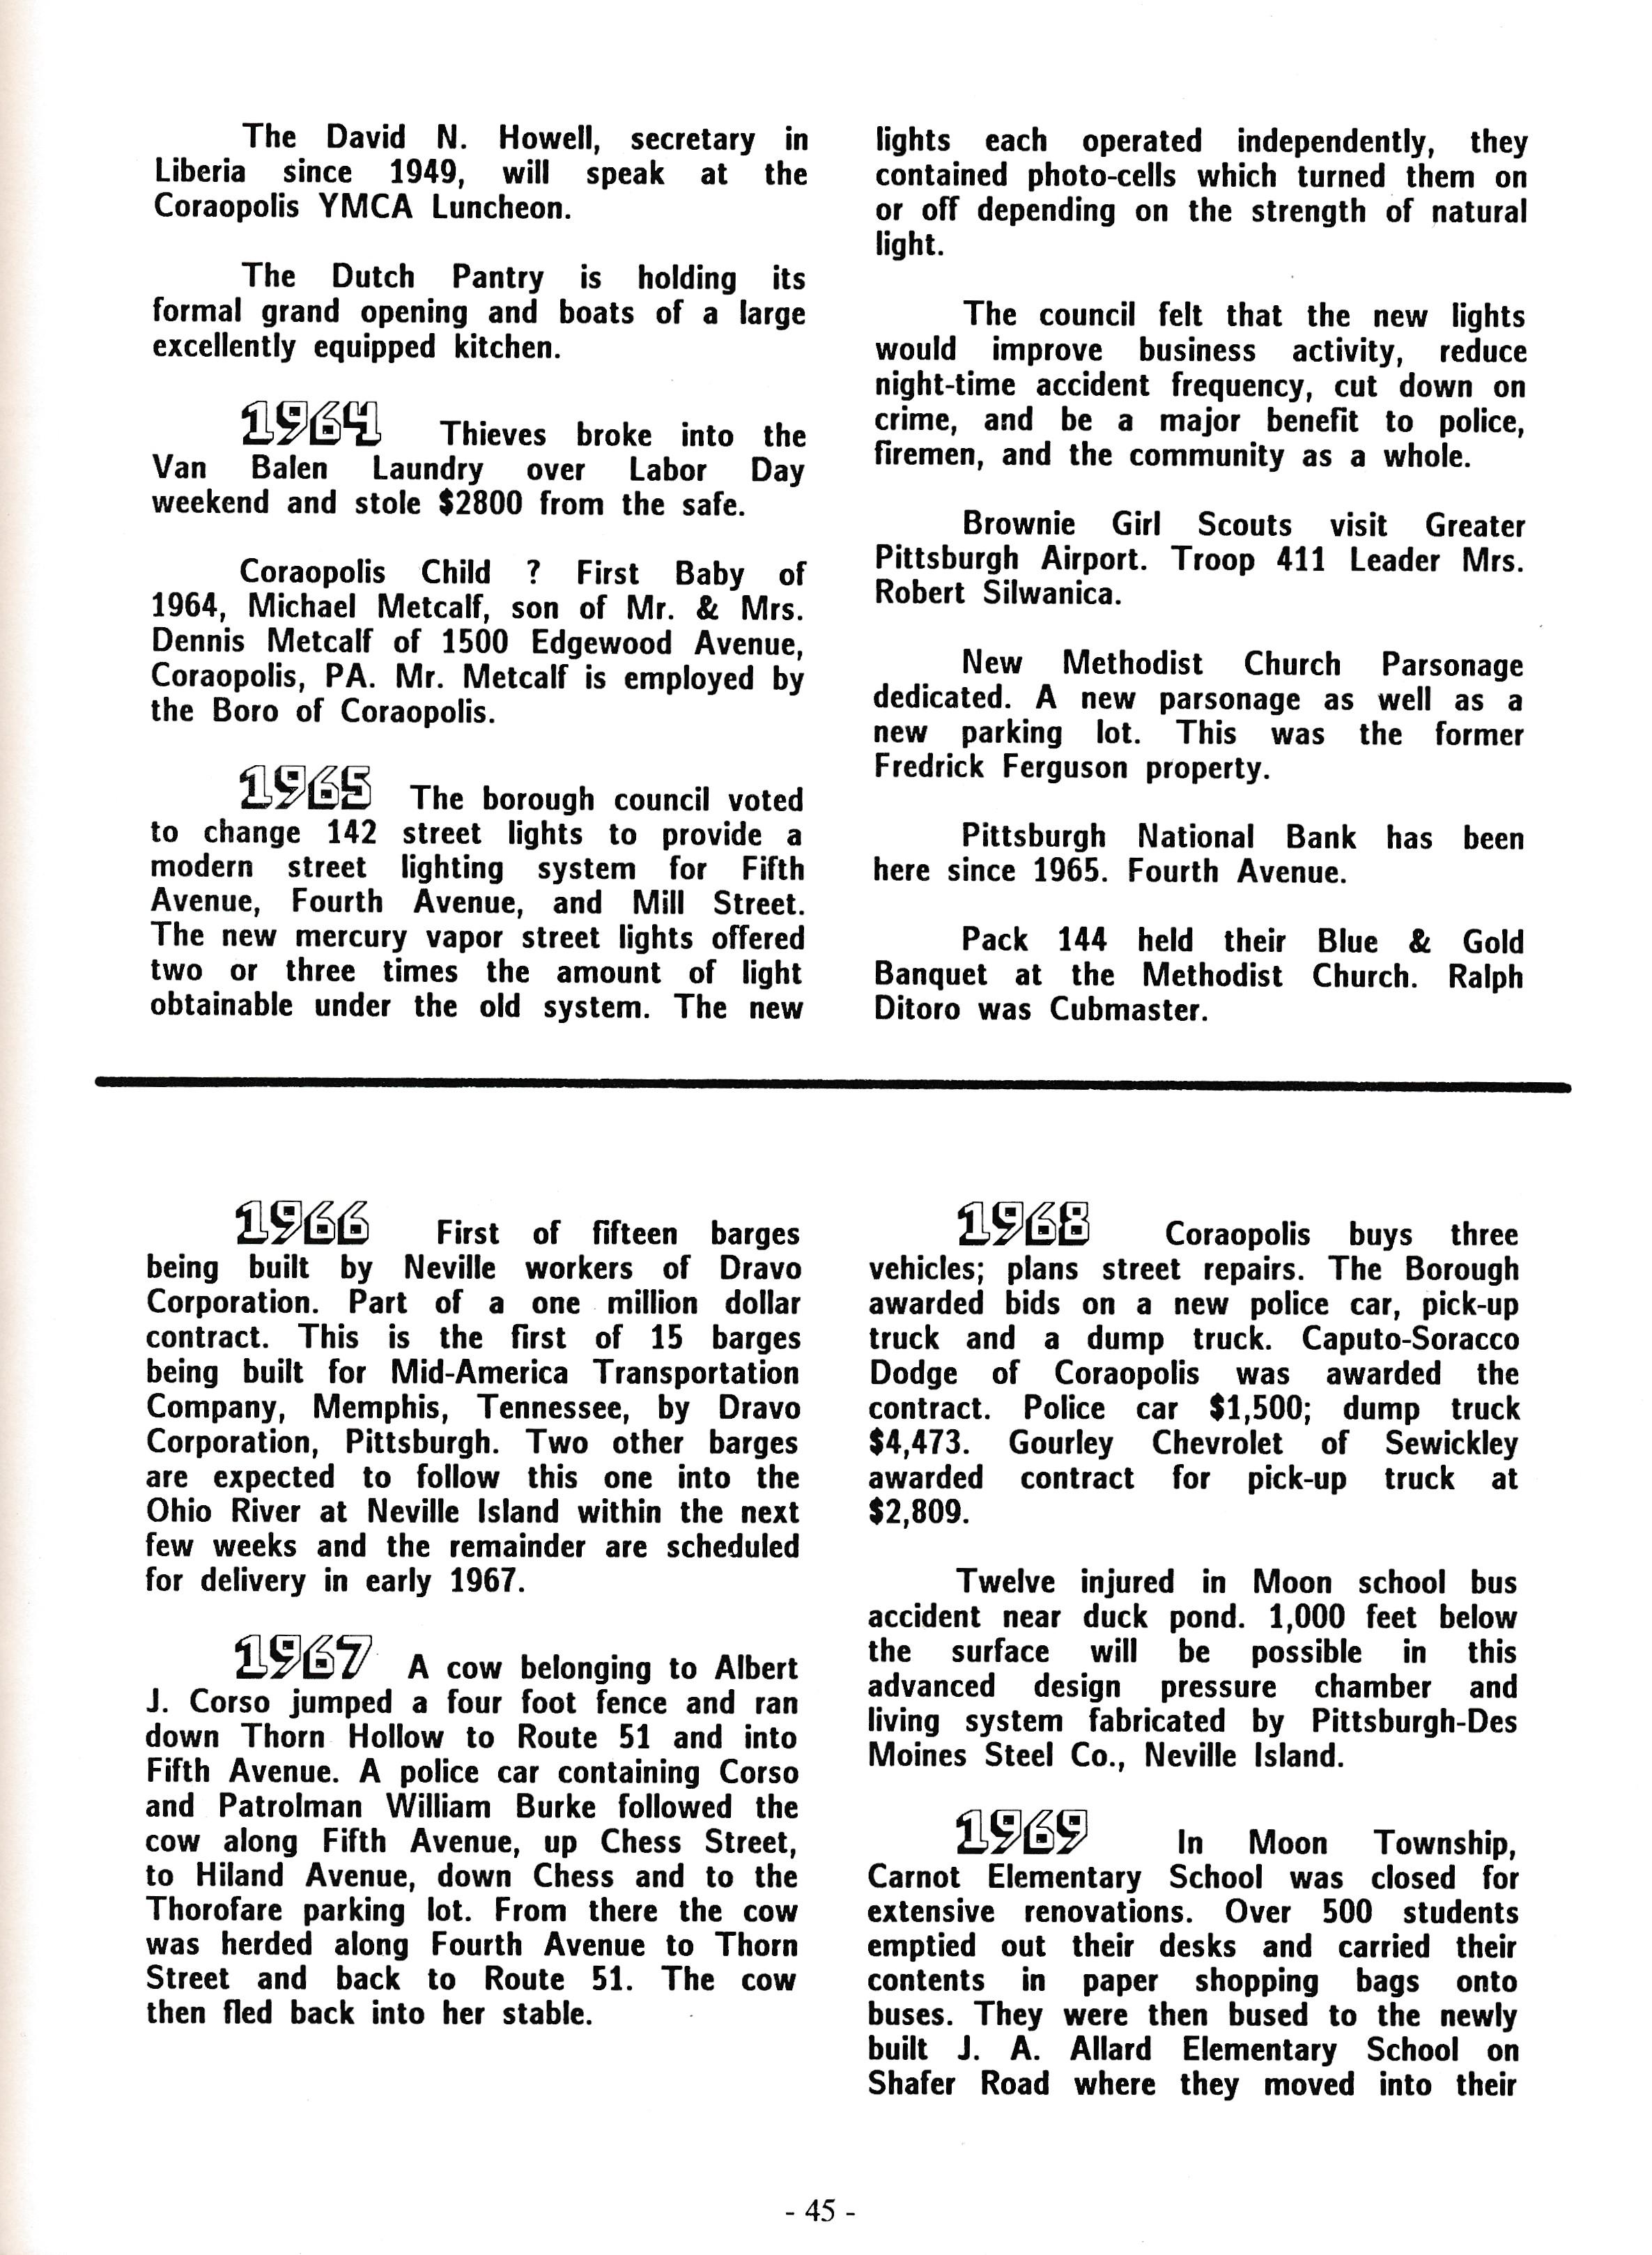 Coraopolis Centennial Booklet (45).jpg